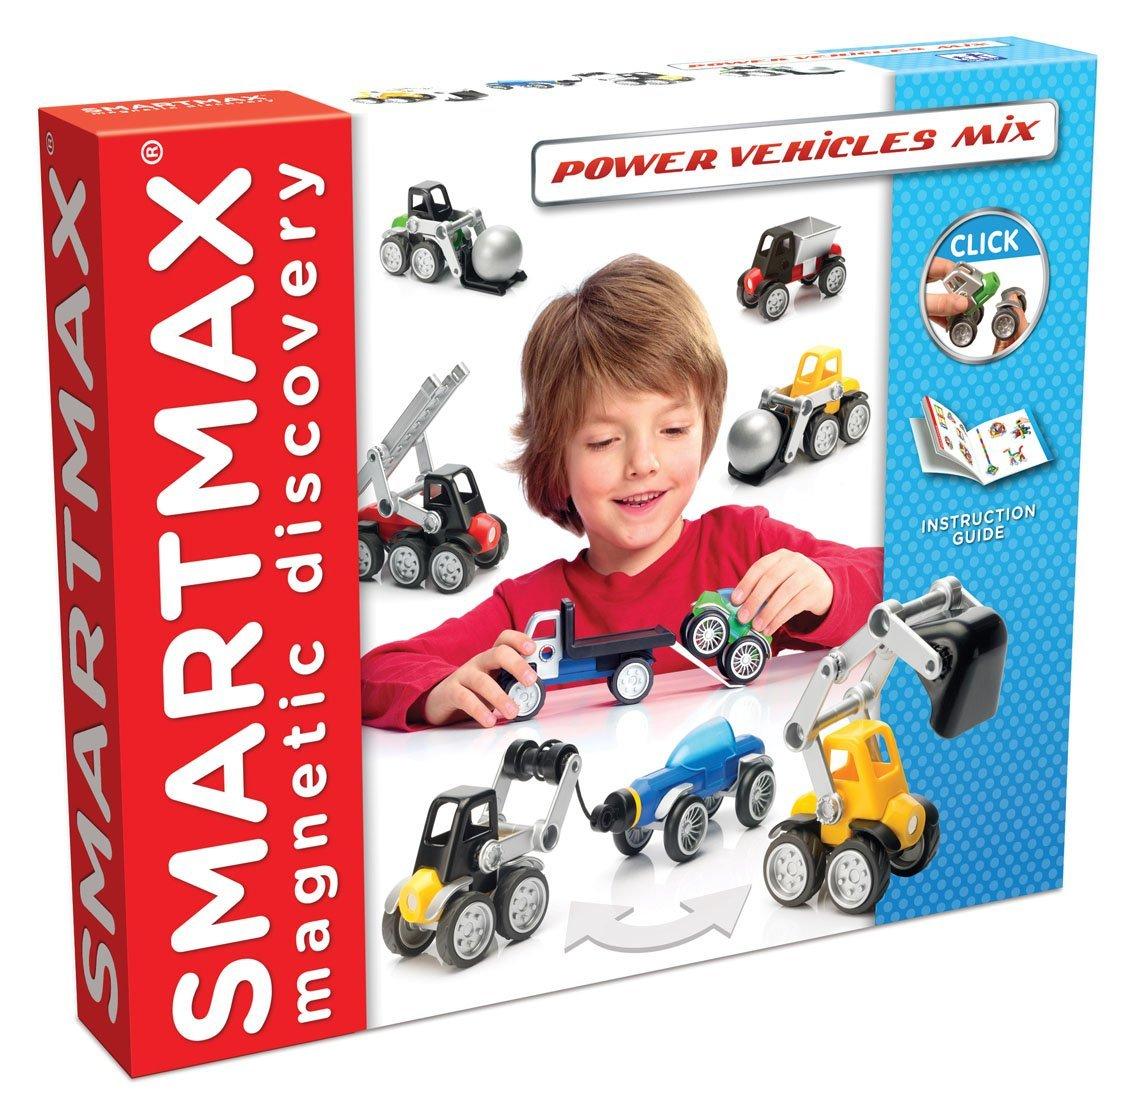 Konstruktorius SMARTMAX Power Vehicles Mix vaikams nuo 3 metų (SMX 303)